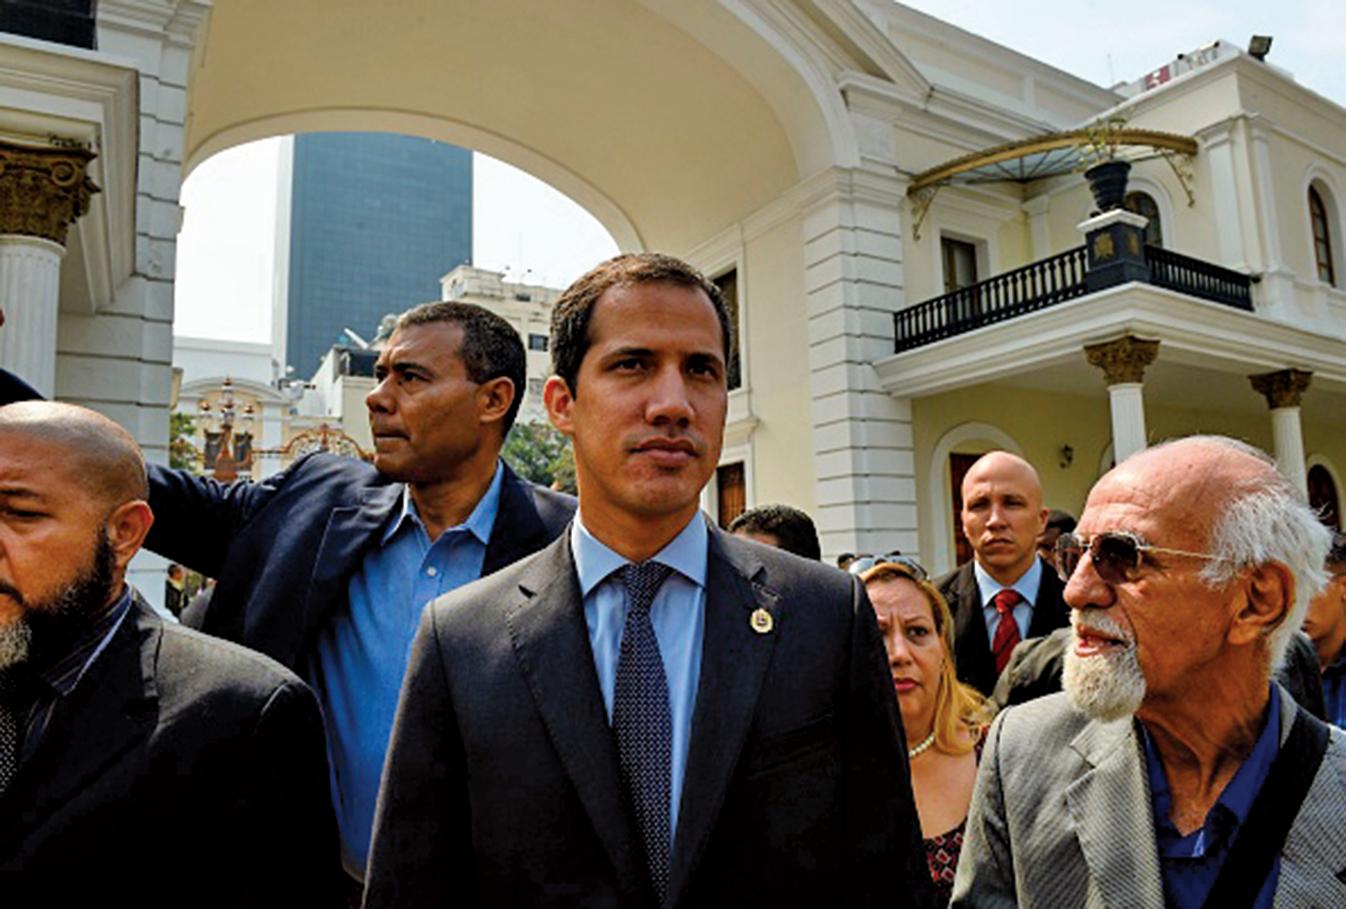 委內瑞拉臨時總統胡安瓜伊多(Juan Guaido)4月1日被馬杜羅政府掌控的最高法院起訴,要求撤銷其身為國民議會議長的豁免權。(AFP)